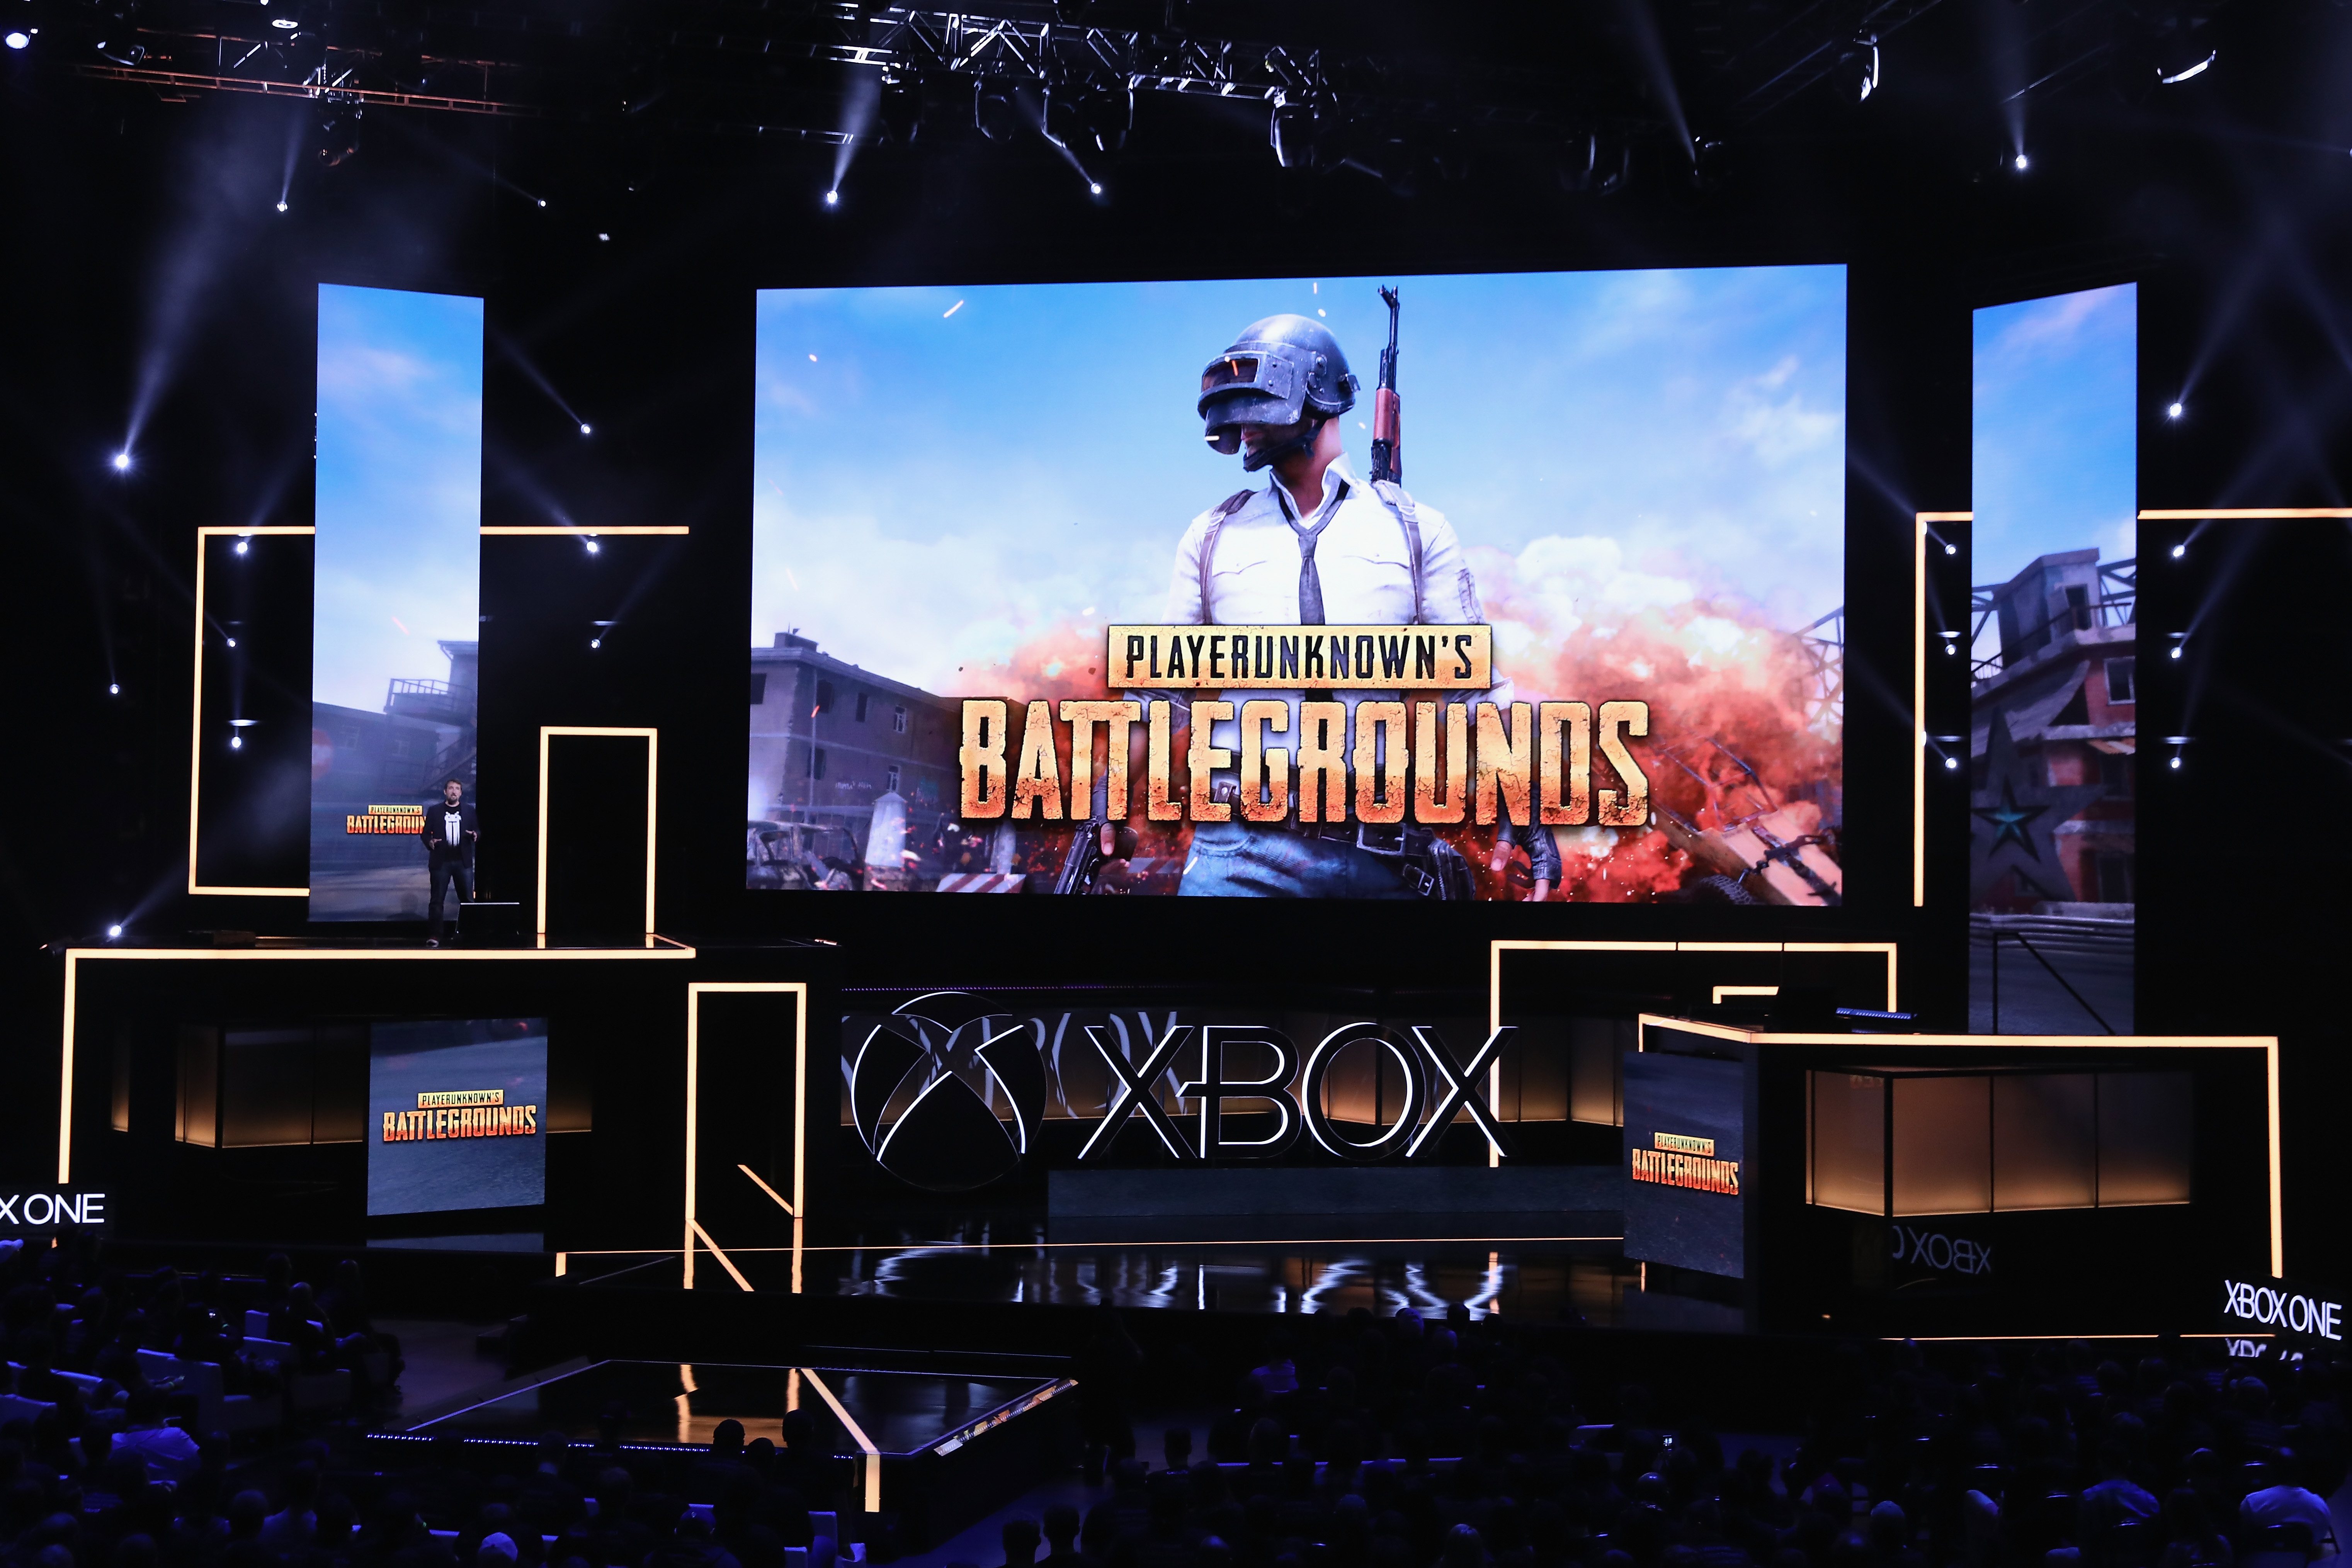 Microsoft xBox E3 Event